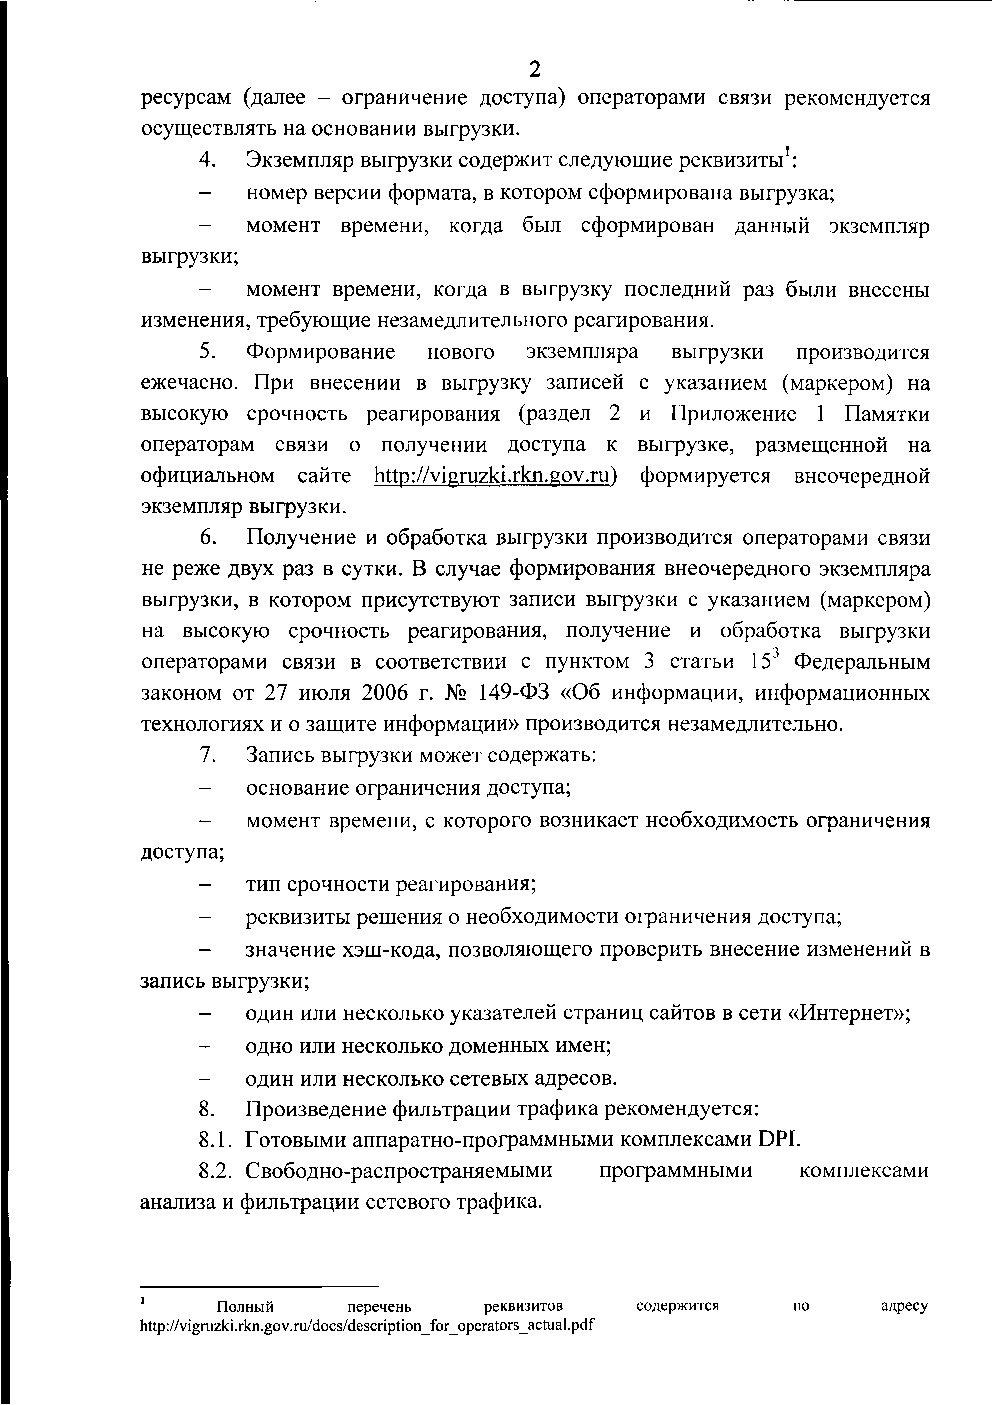 Новые рекомендации по ограничению доступа от «Роскомнадзора» - 5